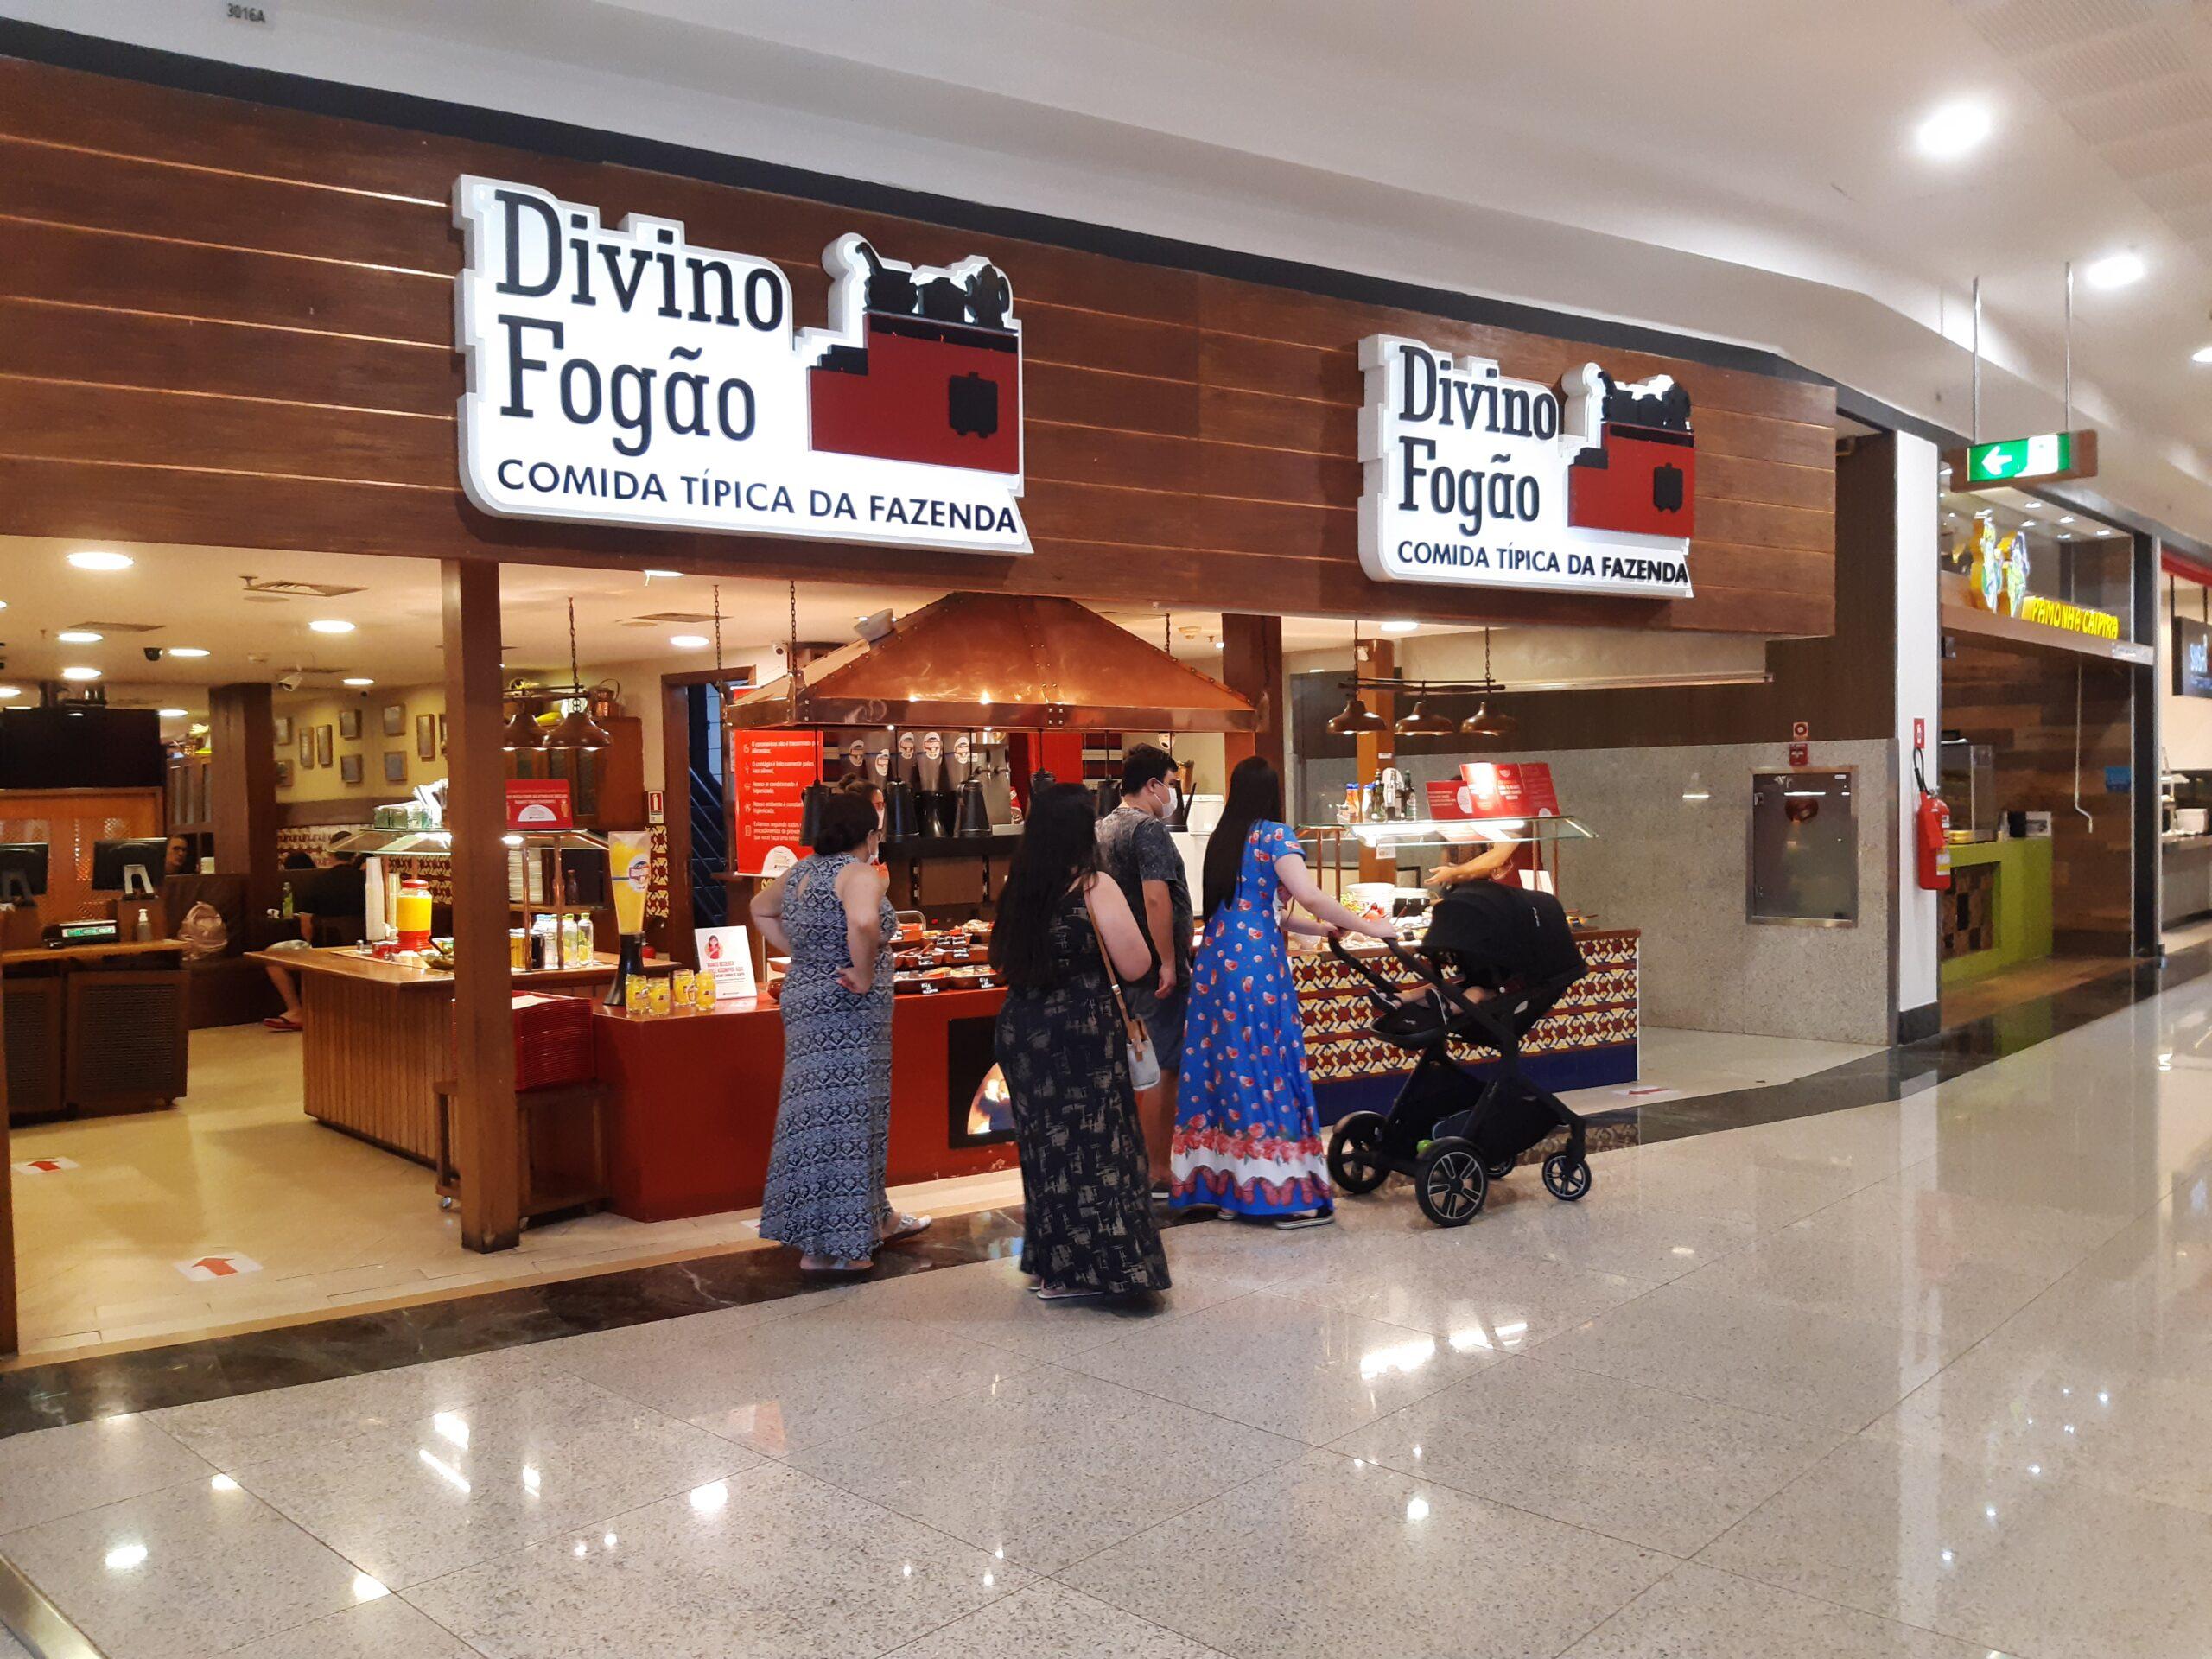 Divino Fogão do Taguatinga Shopping, Comércio Brasilia